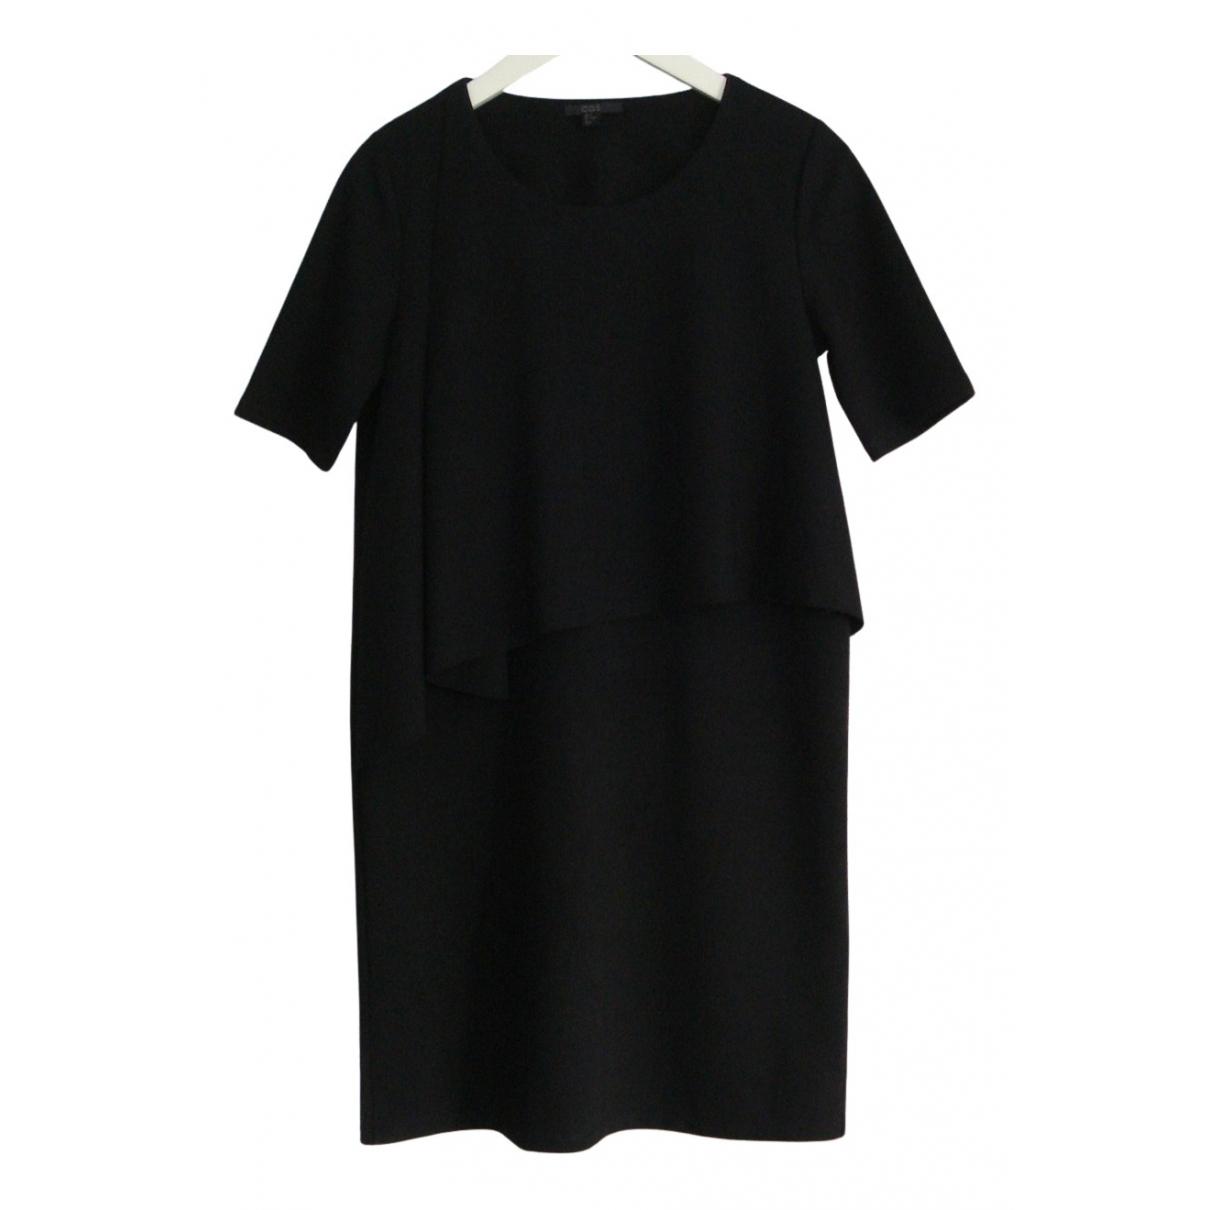 Cos \N Kleid in  Schwarz Viskose